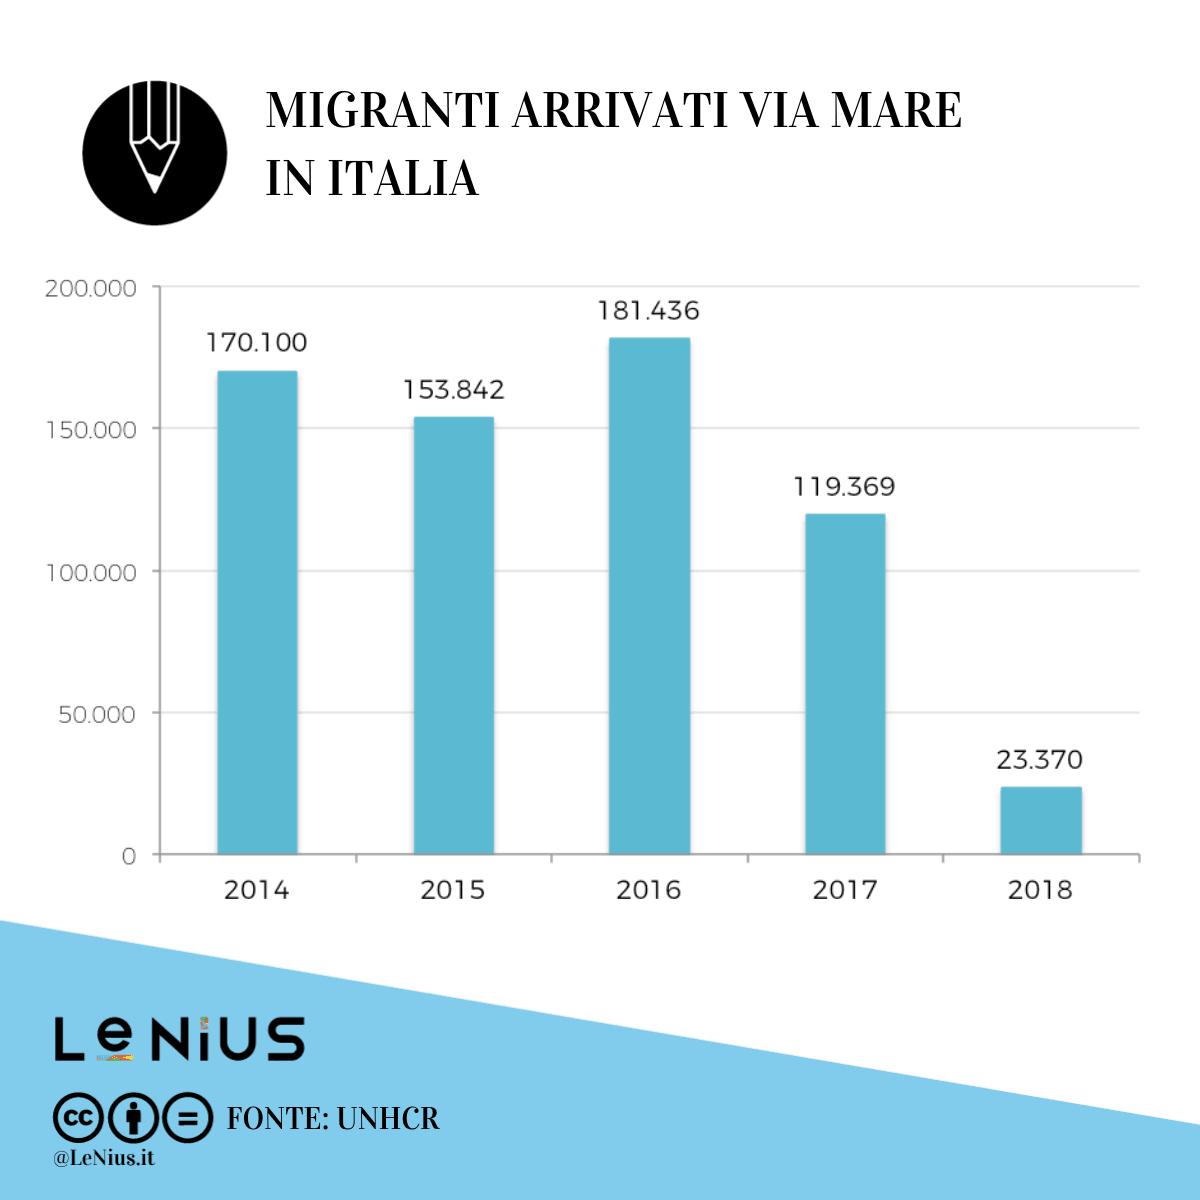 migranti-arrivati-via-mare